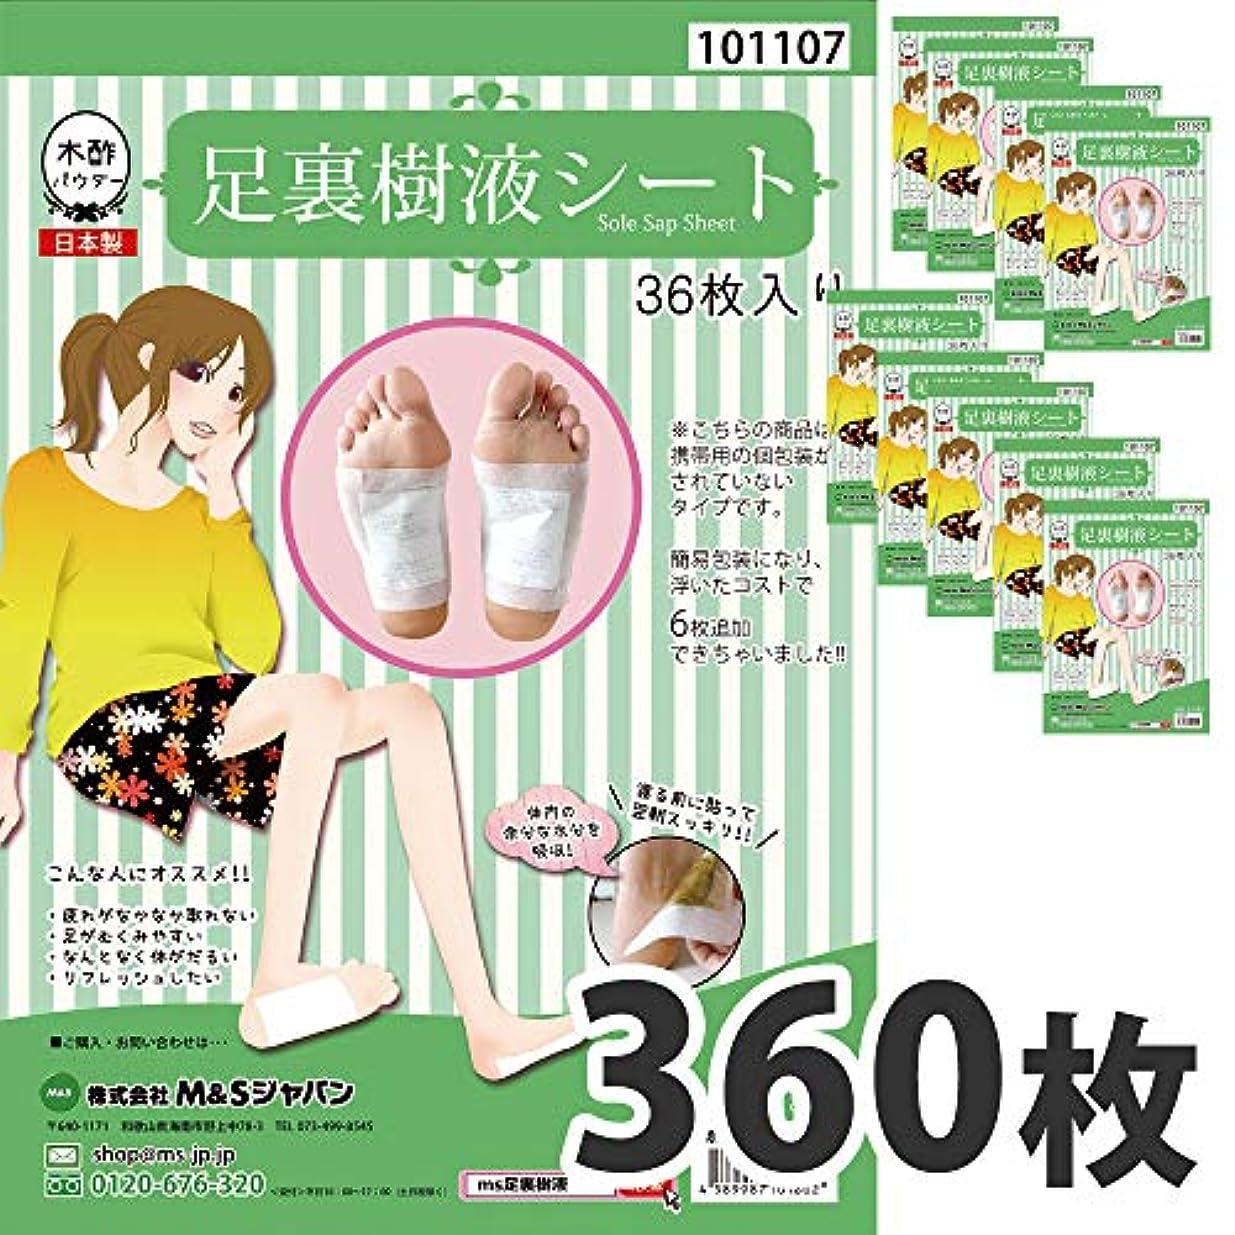 日本製 足裏樹液シート 足裏シート お得 人気 樹液シート 足裏 (360枚入り)